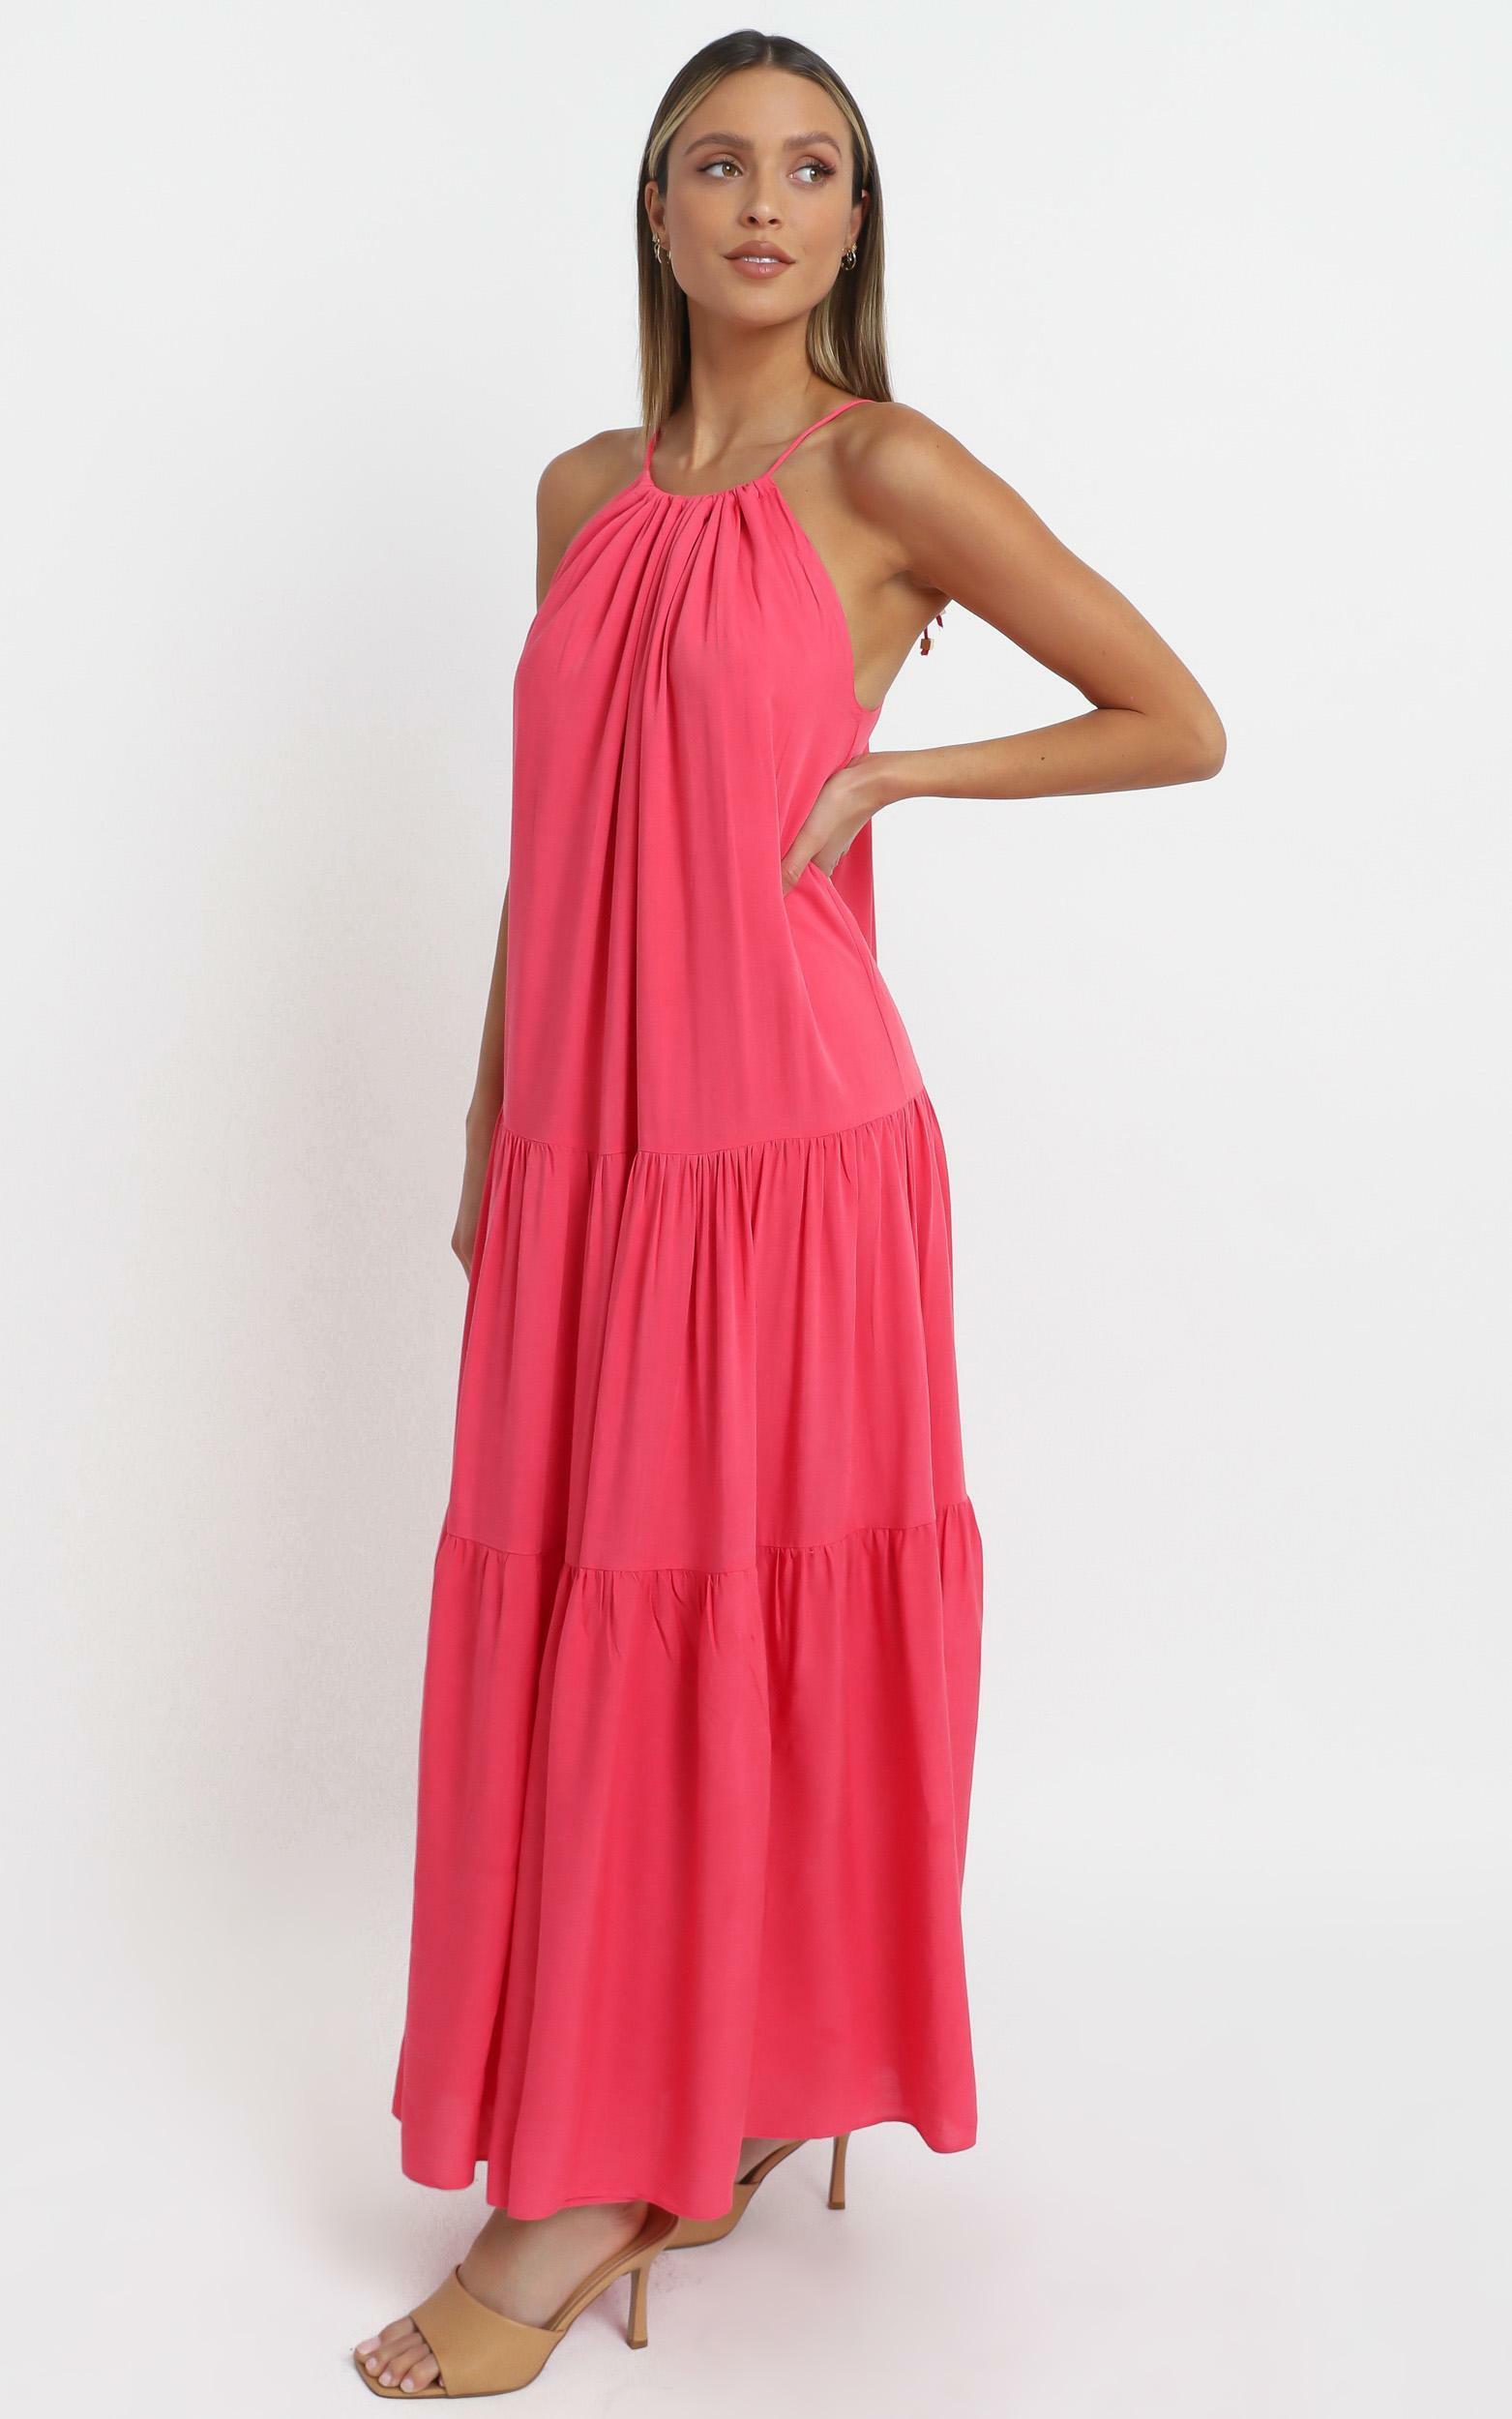 Pyper Dress in Hot Pink - 14 (XL), Pink, hi-res image number null